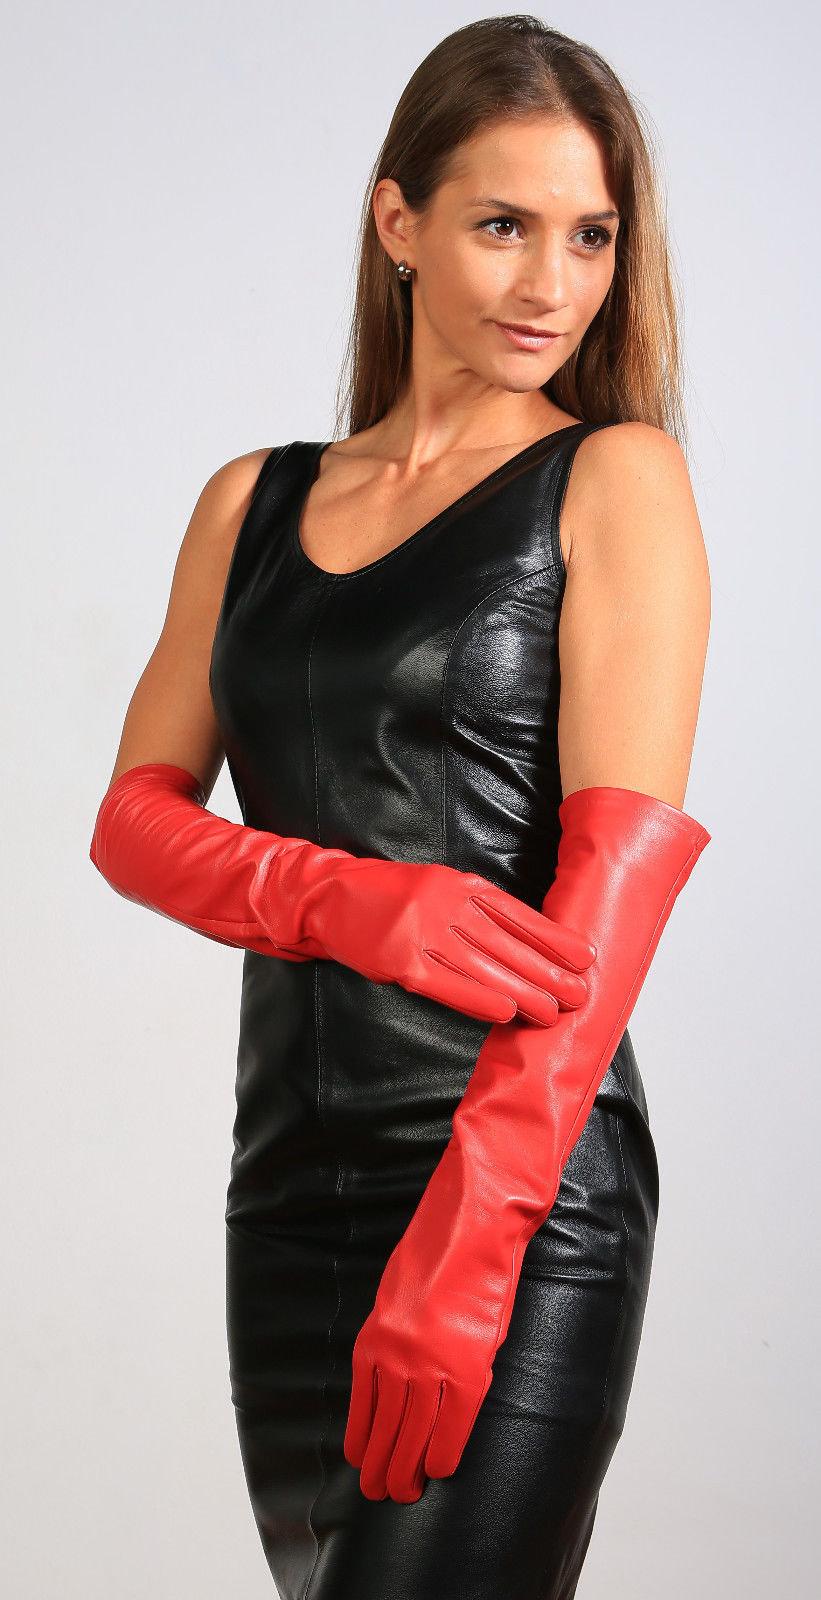 Зрелые женщины в длинных перчатках #8